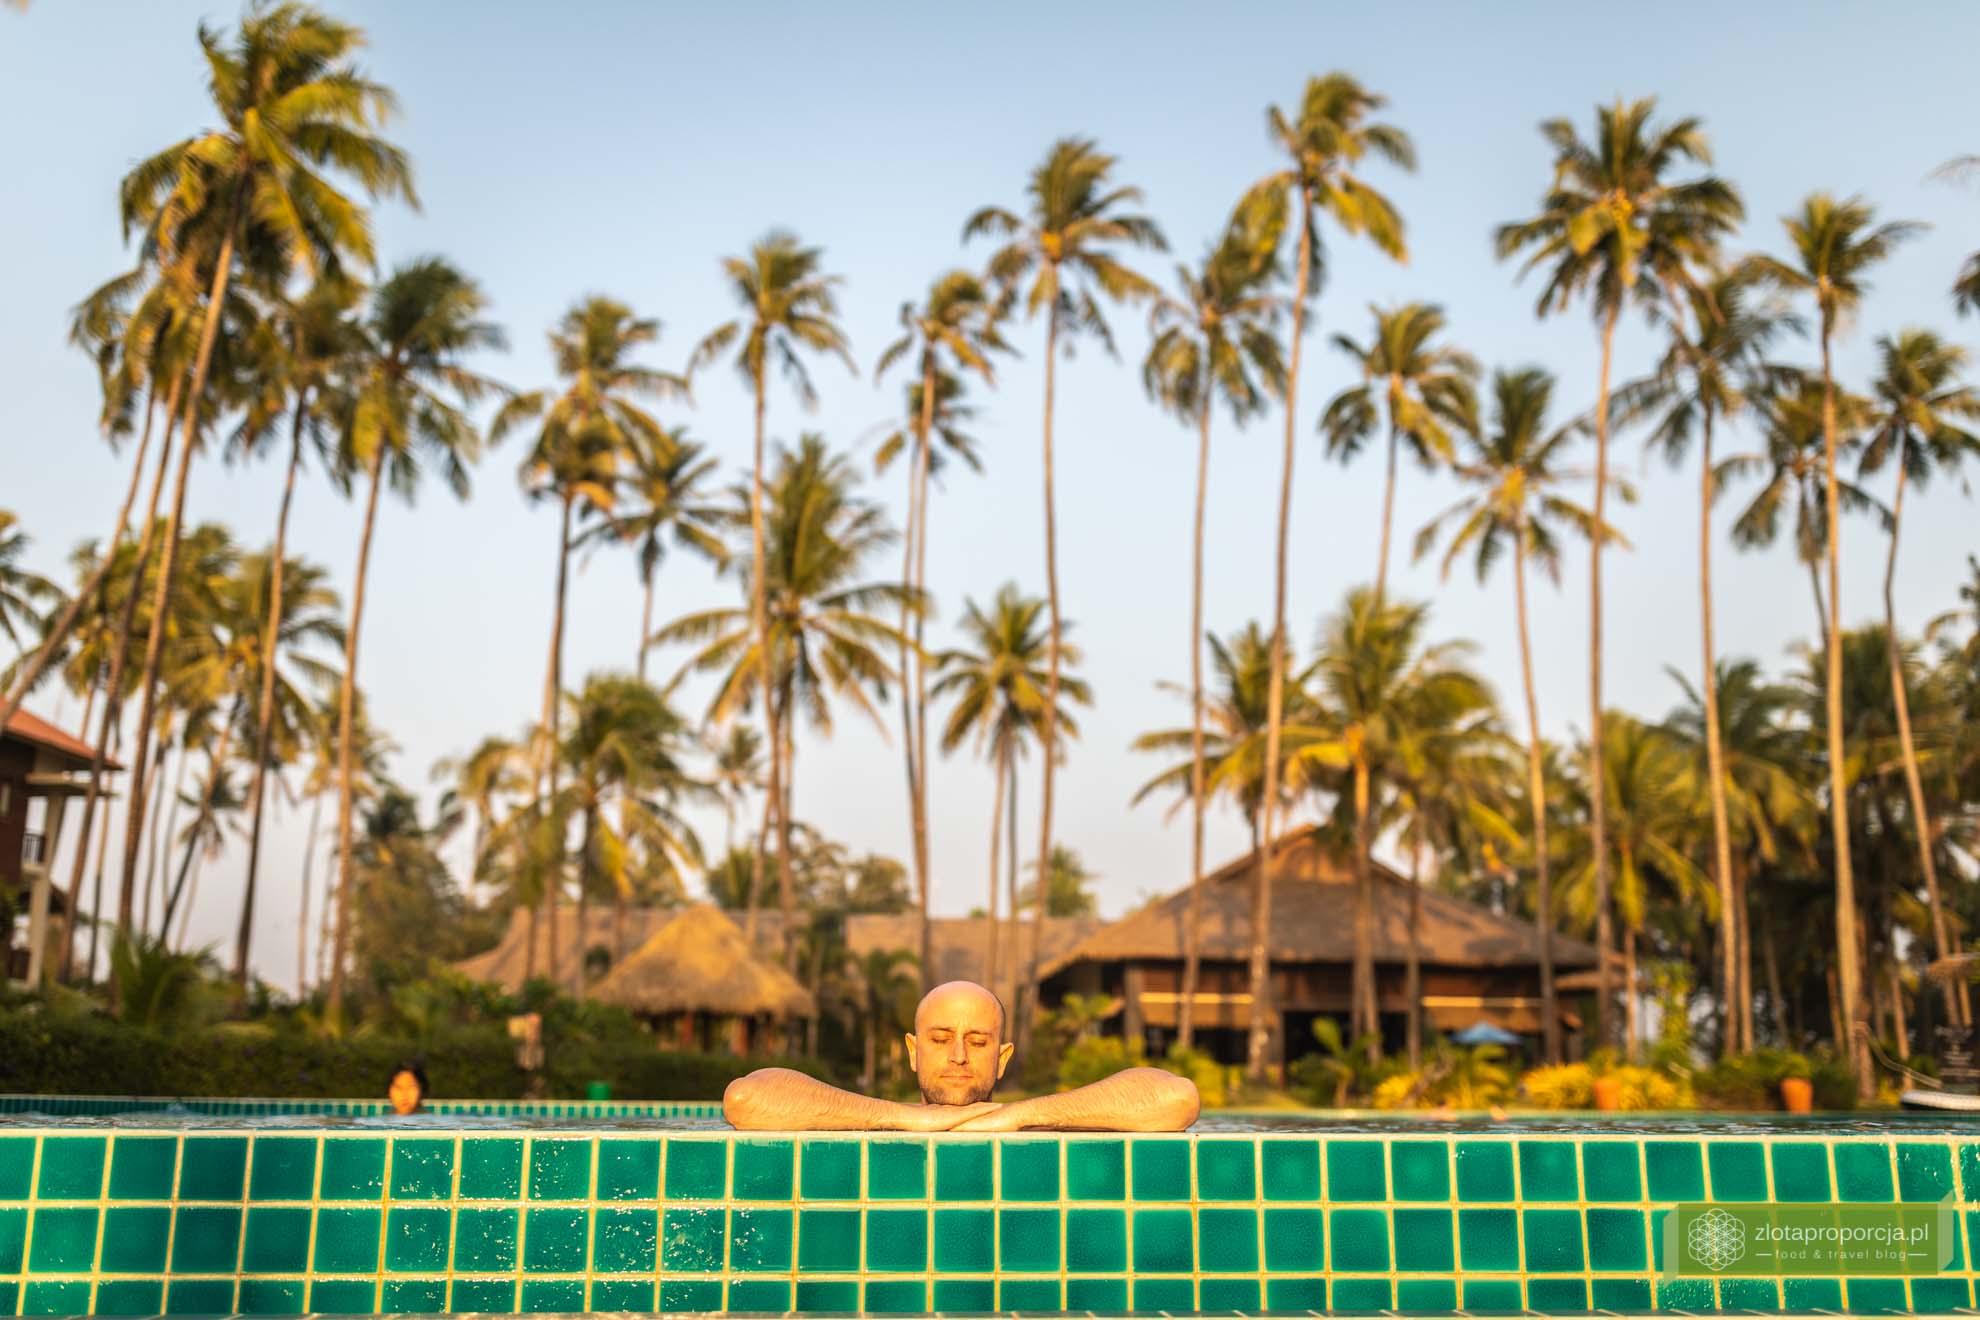 Birma; Mjanma; Myanmar; atrakcje Birmy; Birma podróże; Ngwe Saung Beach; plaża Birma